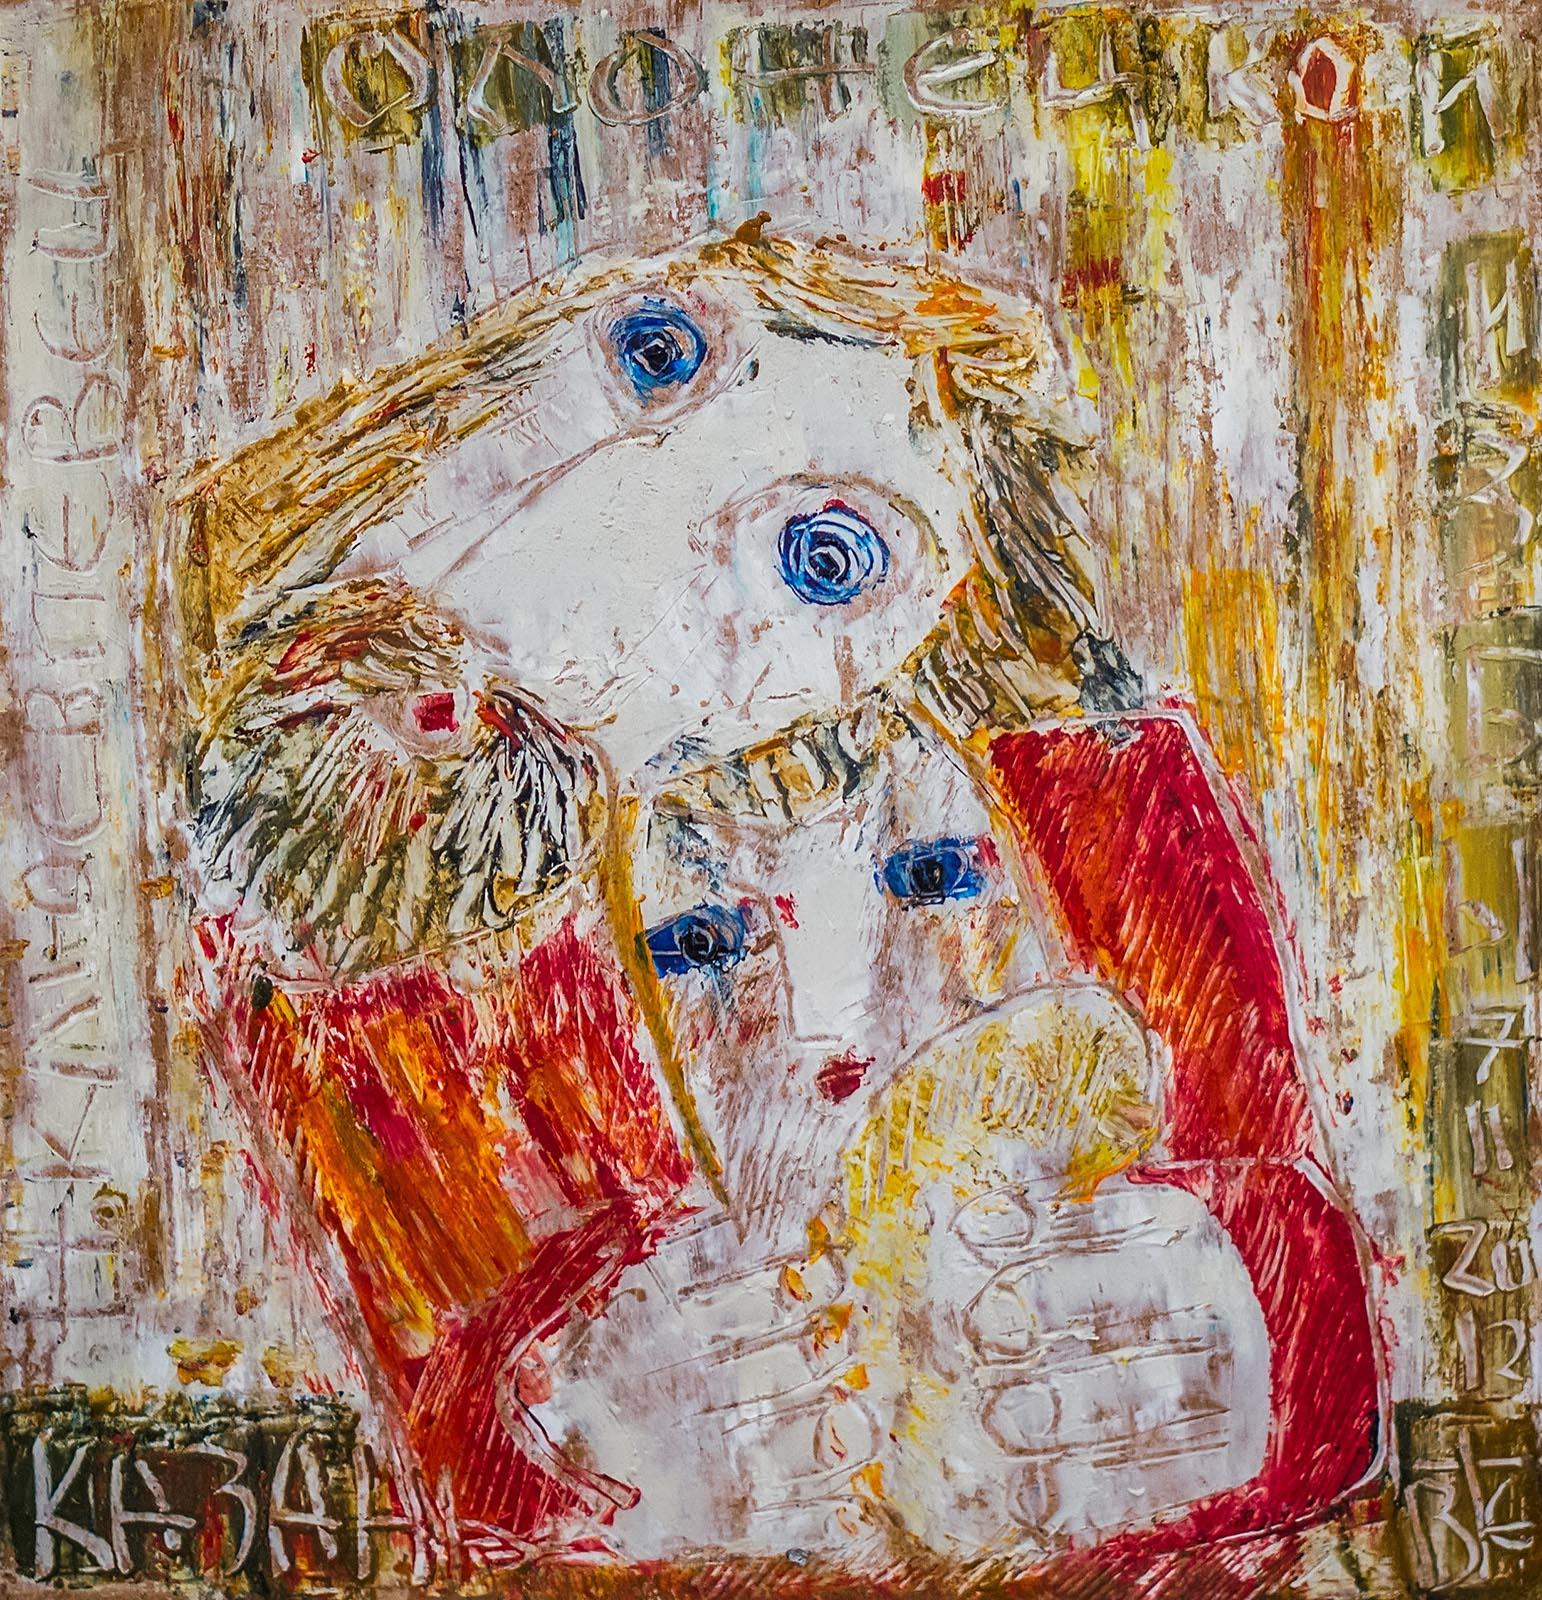 Фото №142175. Николай Клюев — певец олонецкой избы. Виктор Тимофеев